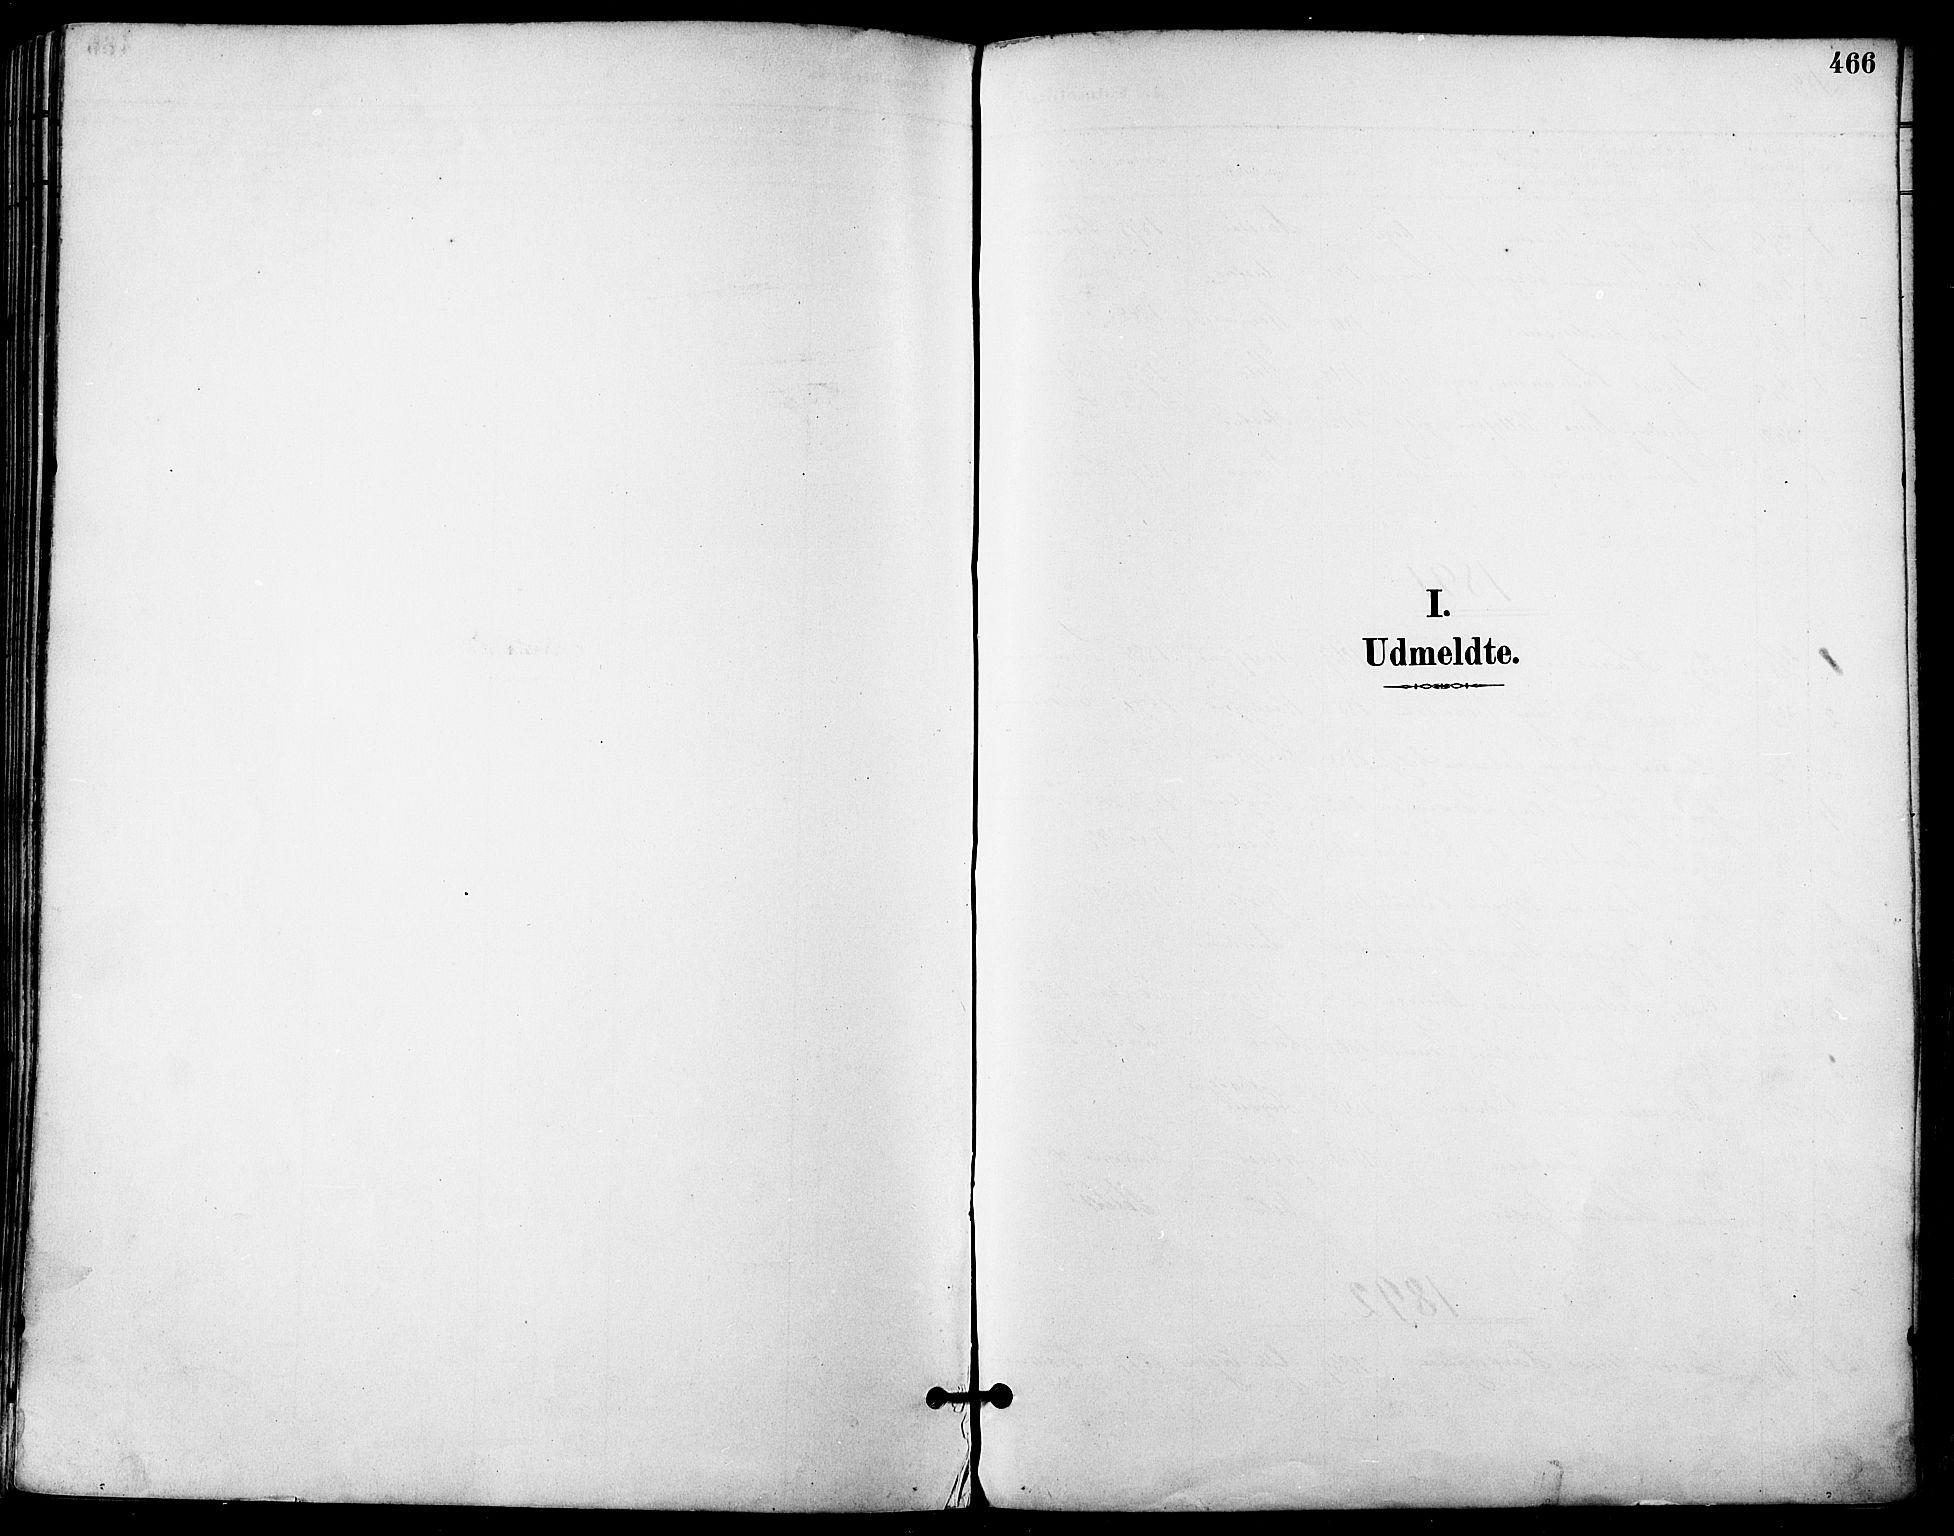 SATØ, Trondenes sokneprestkontor, H/Ha/L0016kirke: Ministerialbok nr. 16, 1890-1898, s. 466